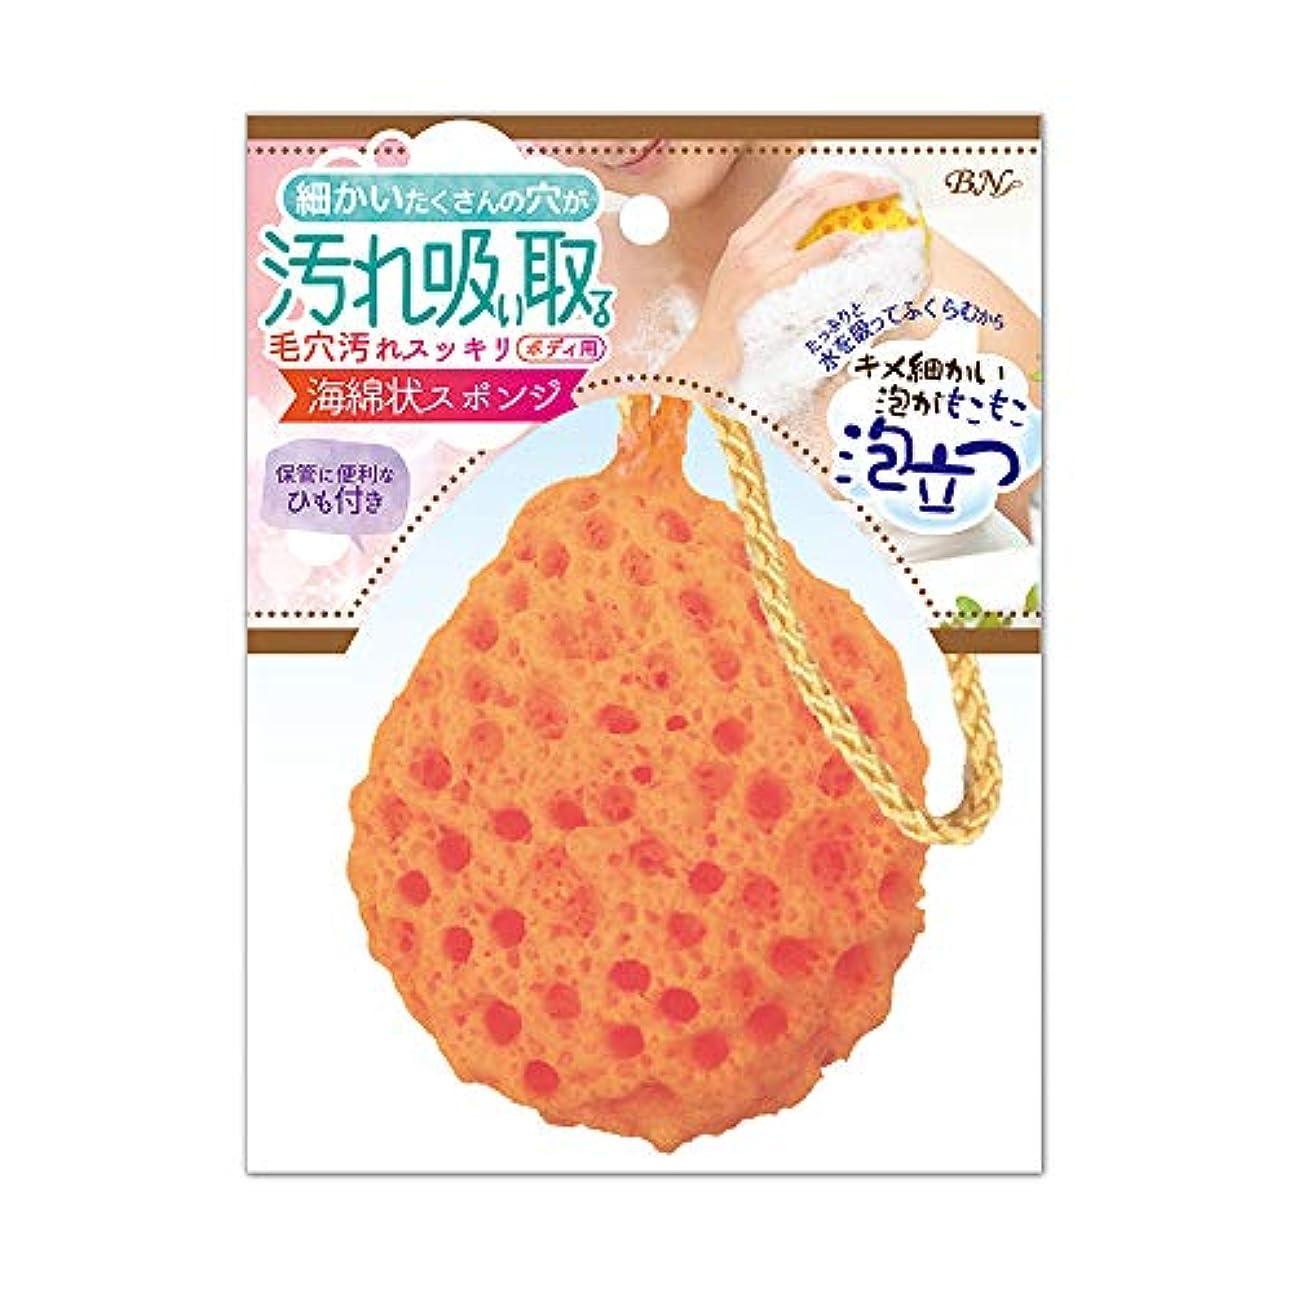 有望ハブブ途方もないBN 海綿状スポンジ KAM-02 オレンジ (1個)